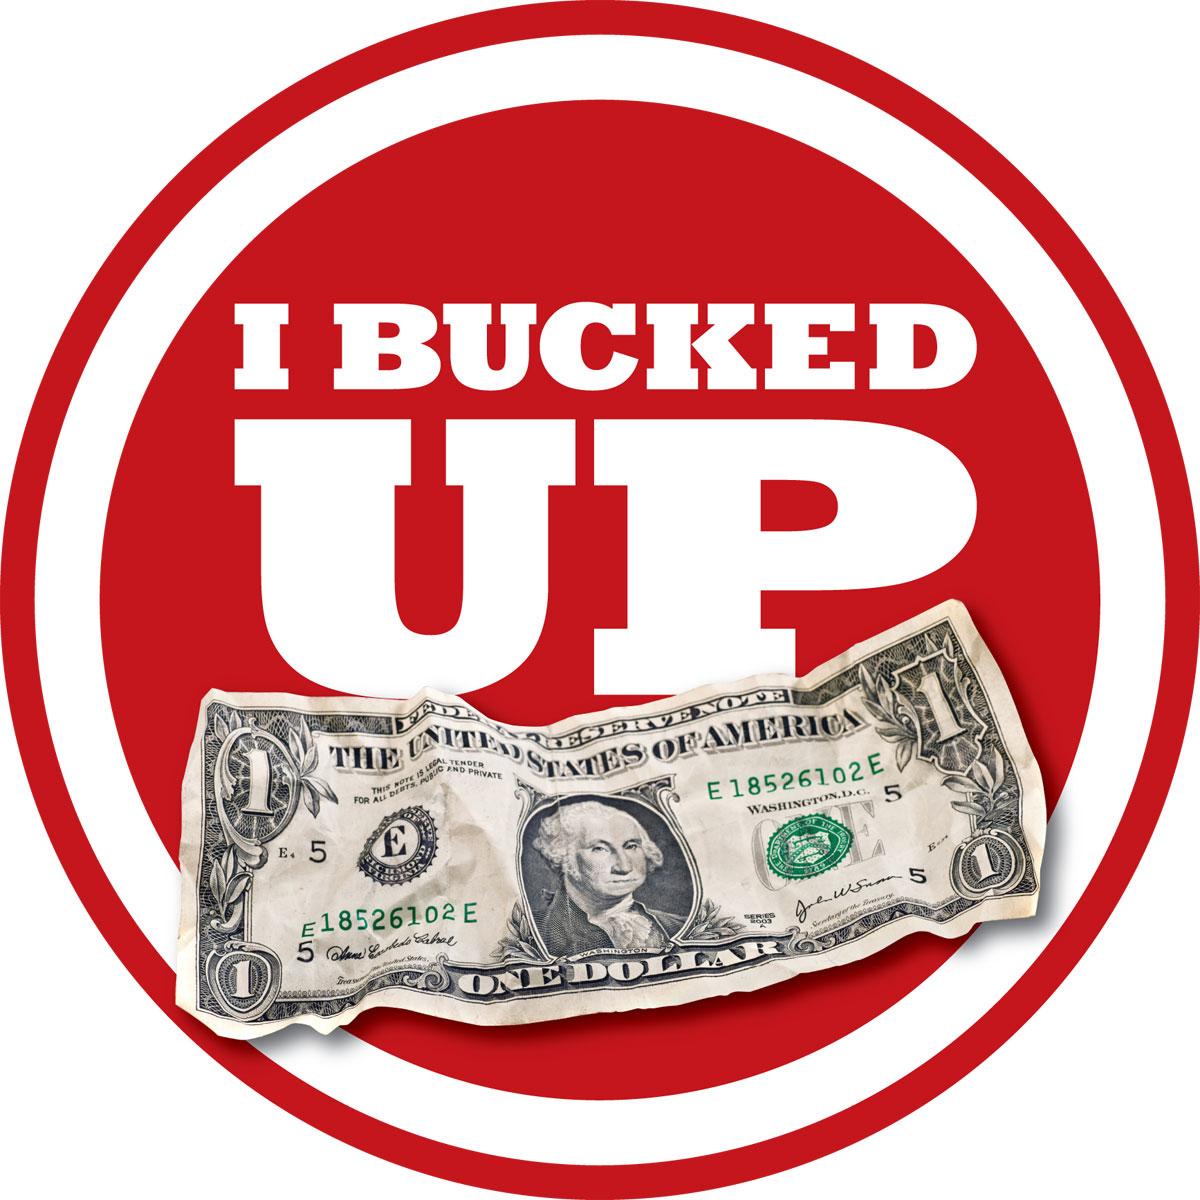 I-Bucked-Up-1200x1200